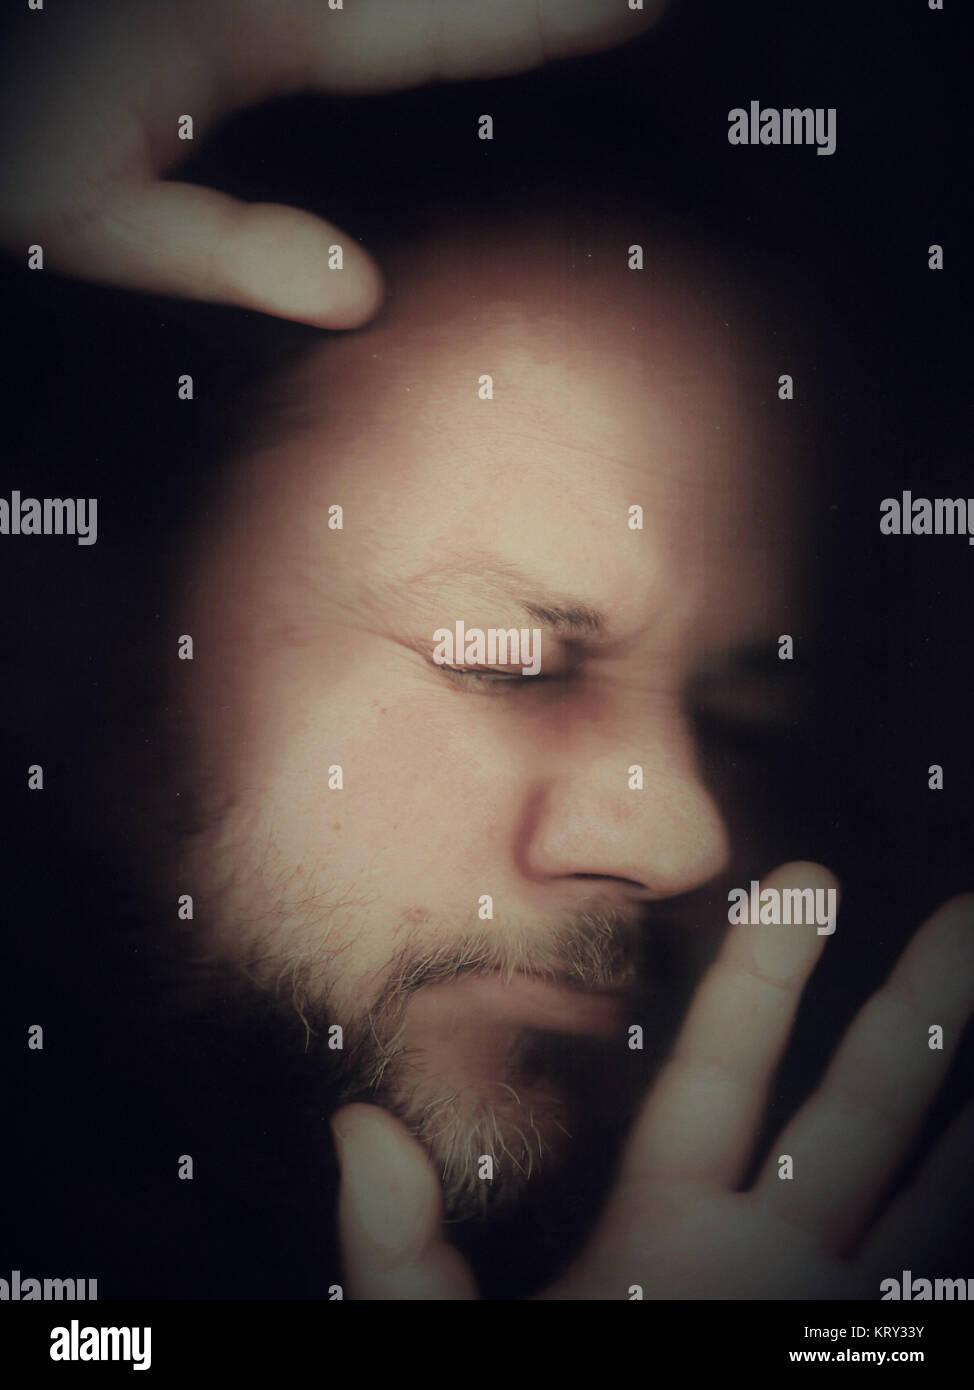 Homme coincé derrière une vitre Photo Stock